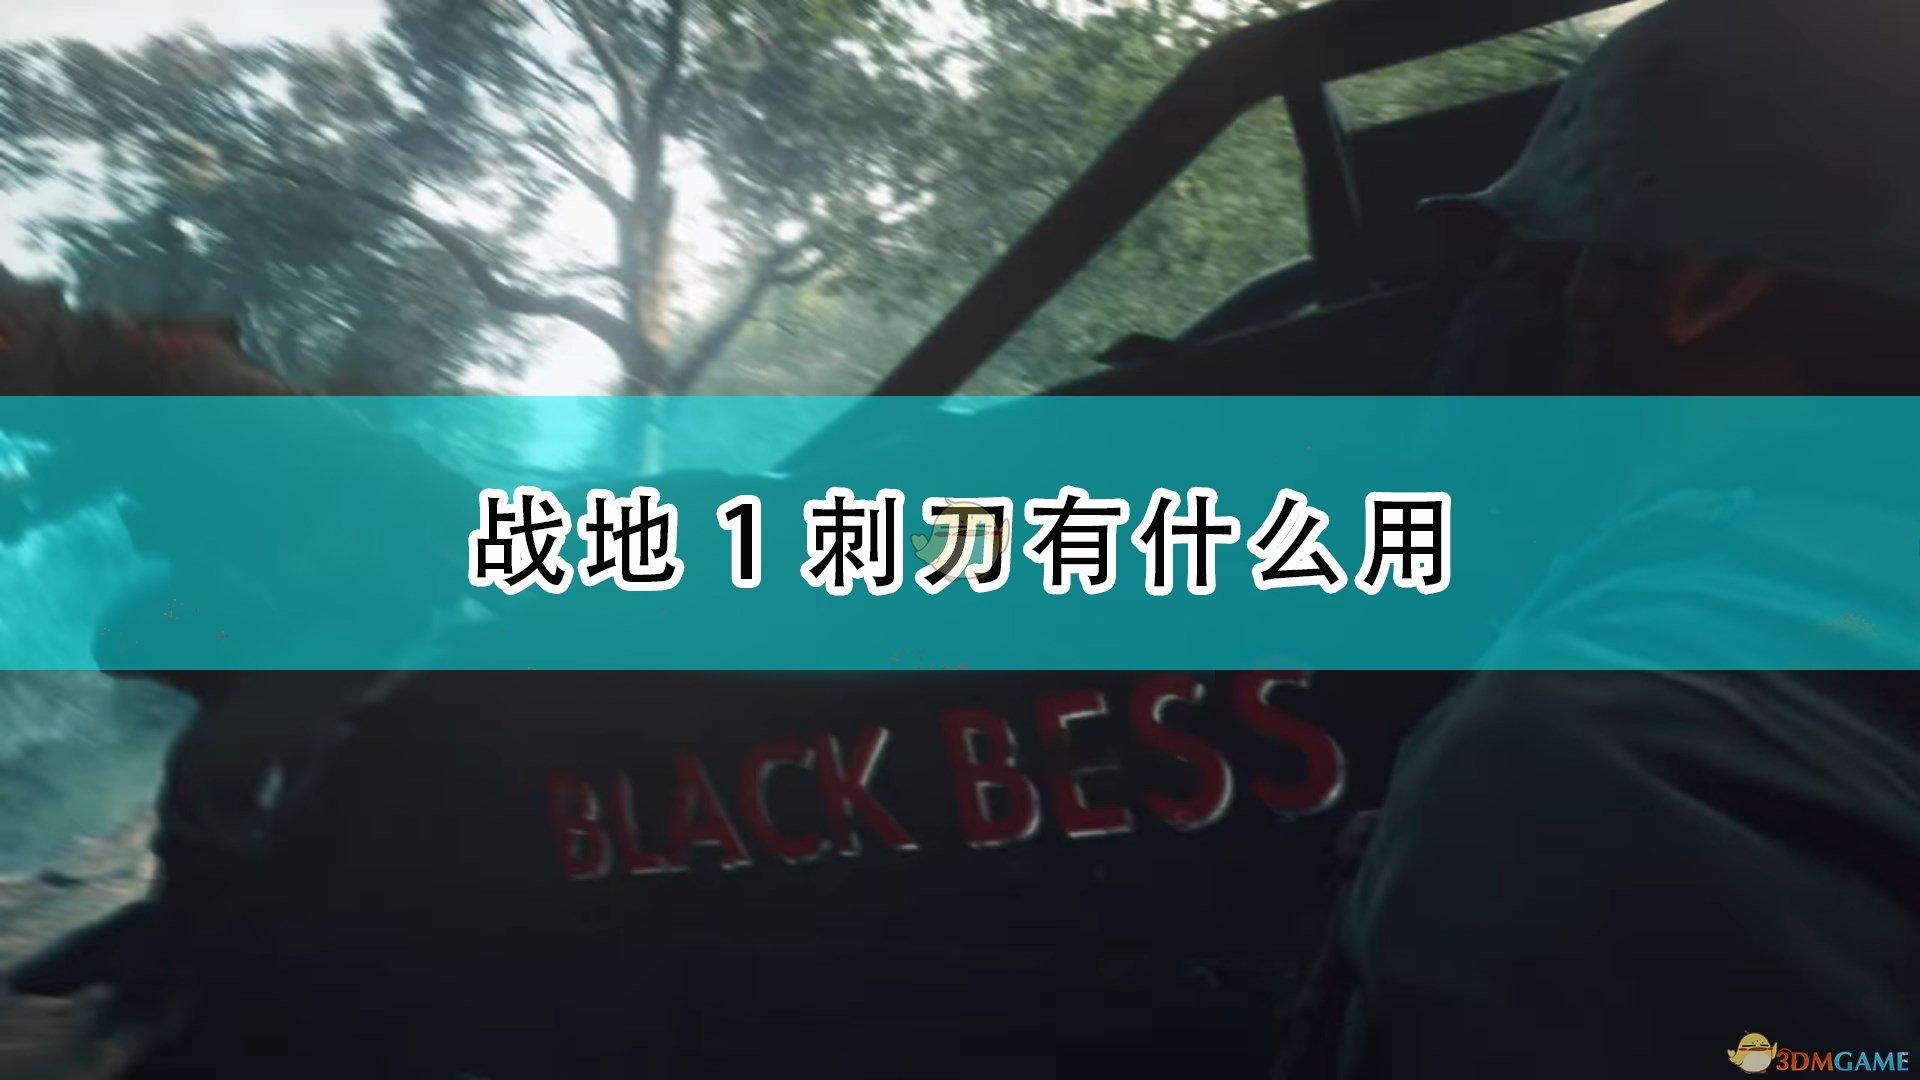 《戰地1》刺刀作用效果介紹